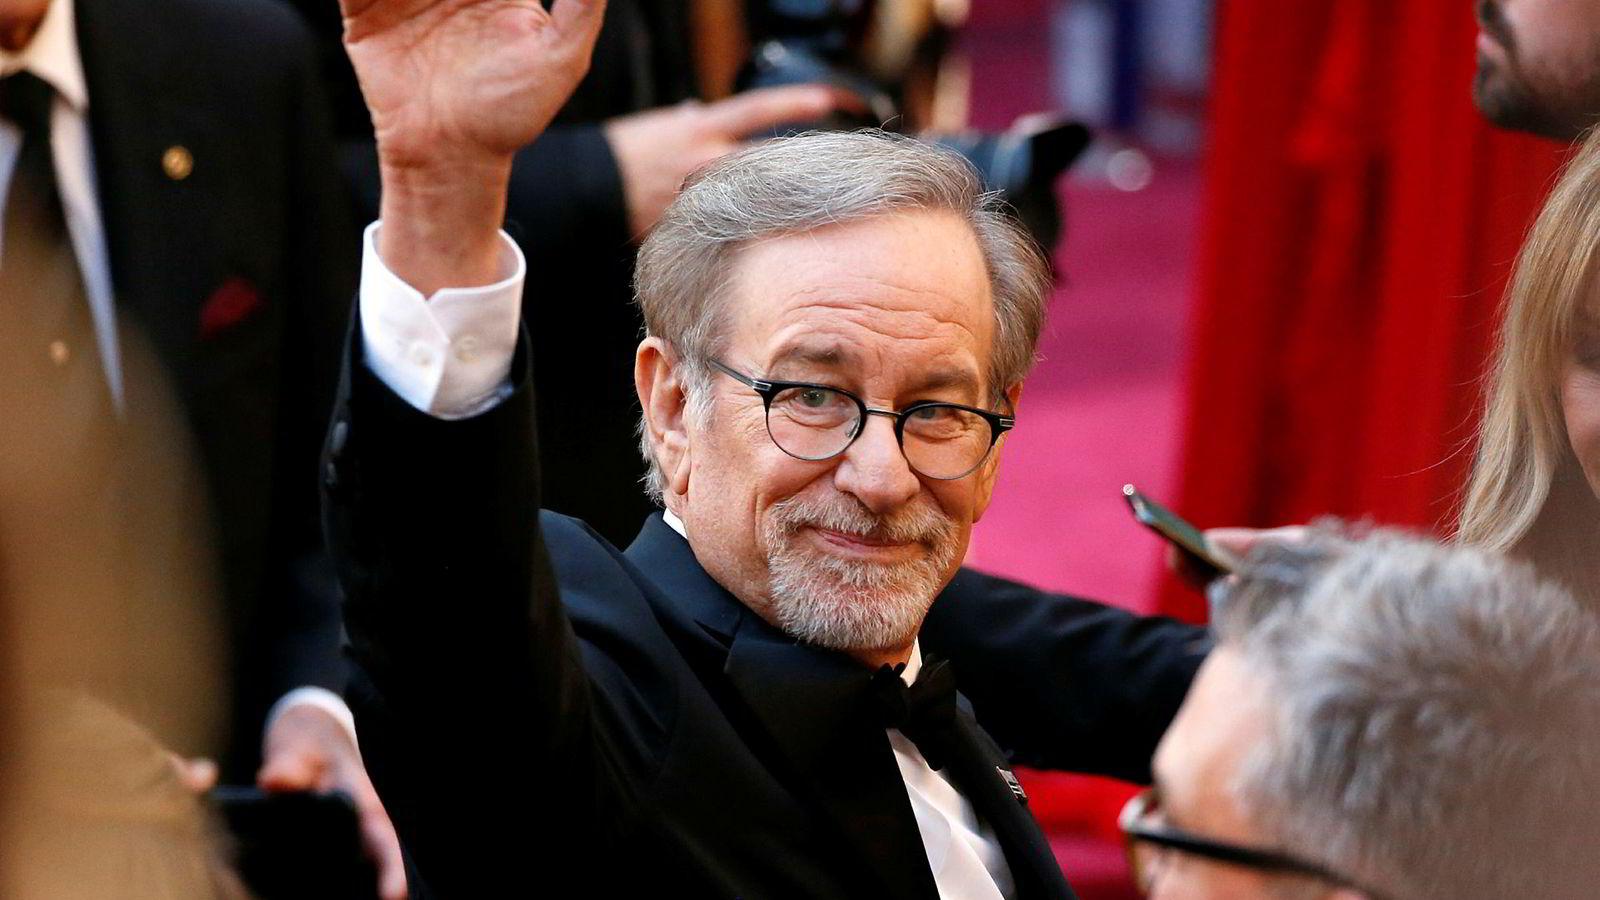 Den suksessrike filmregissøren Steven Spielberg, medlem av Oscar-akademiet, er kritisk til at filmer produsert for TV, som Neflix, skal bli kunne vinner Oscars. Her ankommer Spielberg Oscar-utdelingen i Los Angeles i 2018.